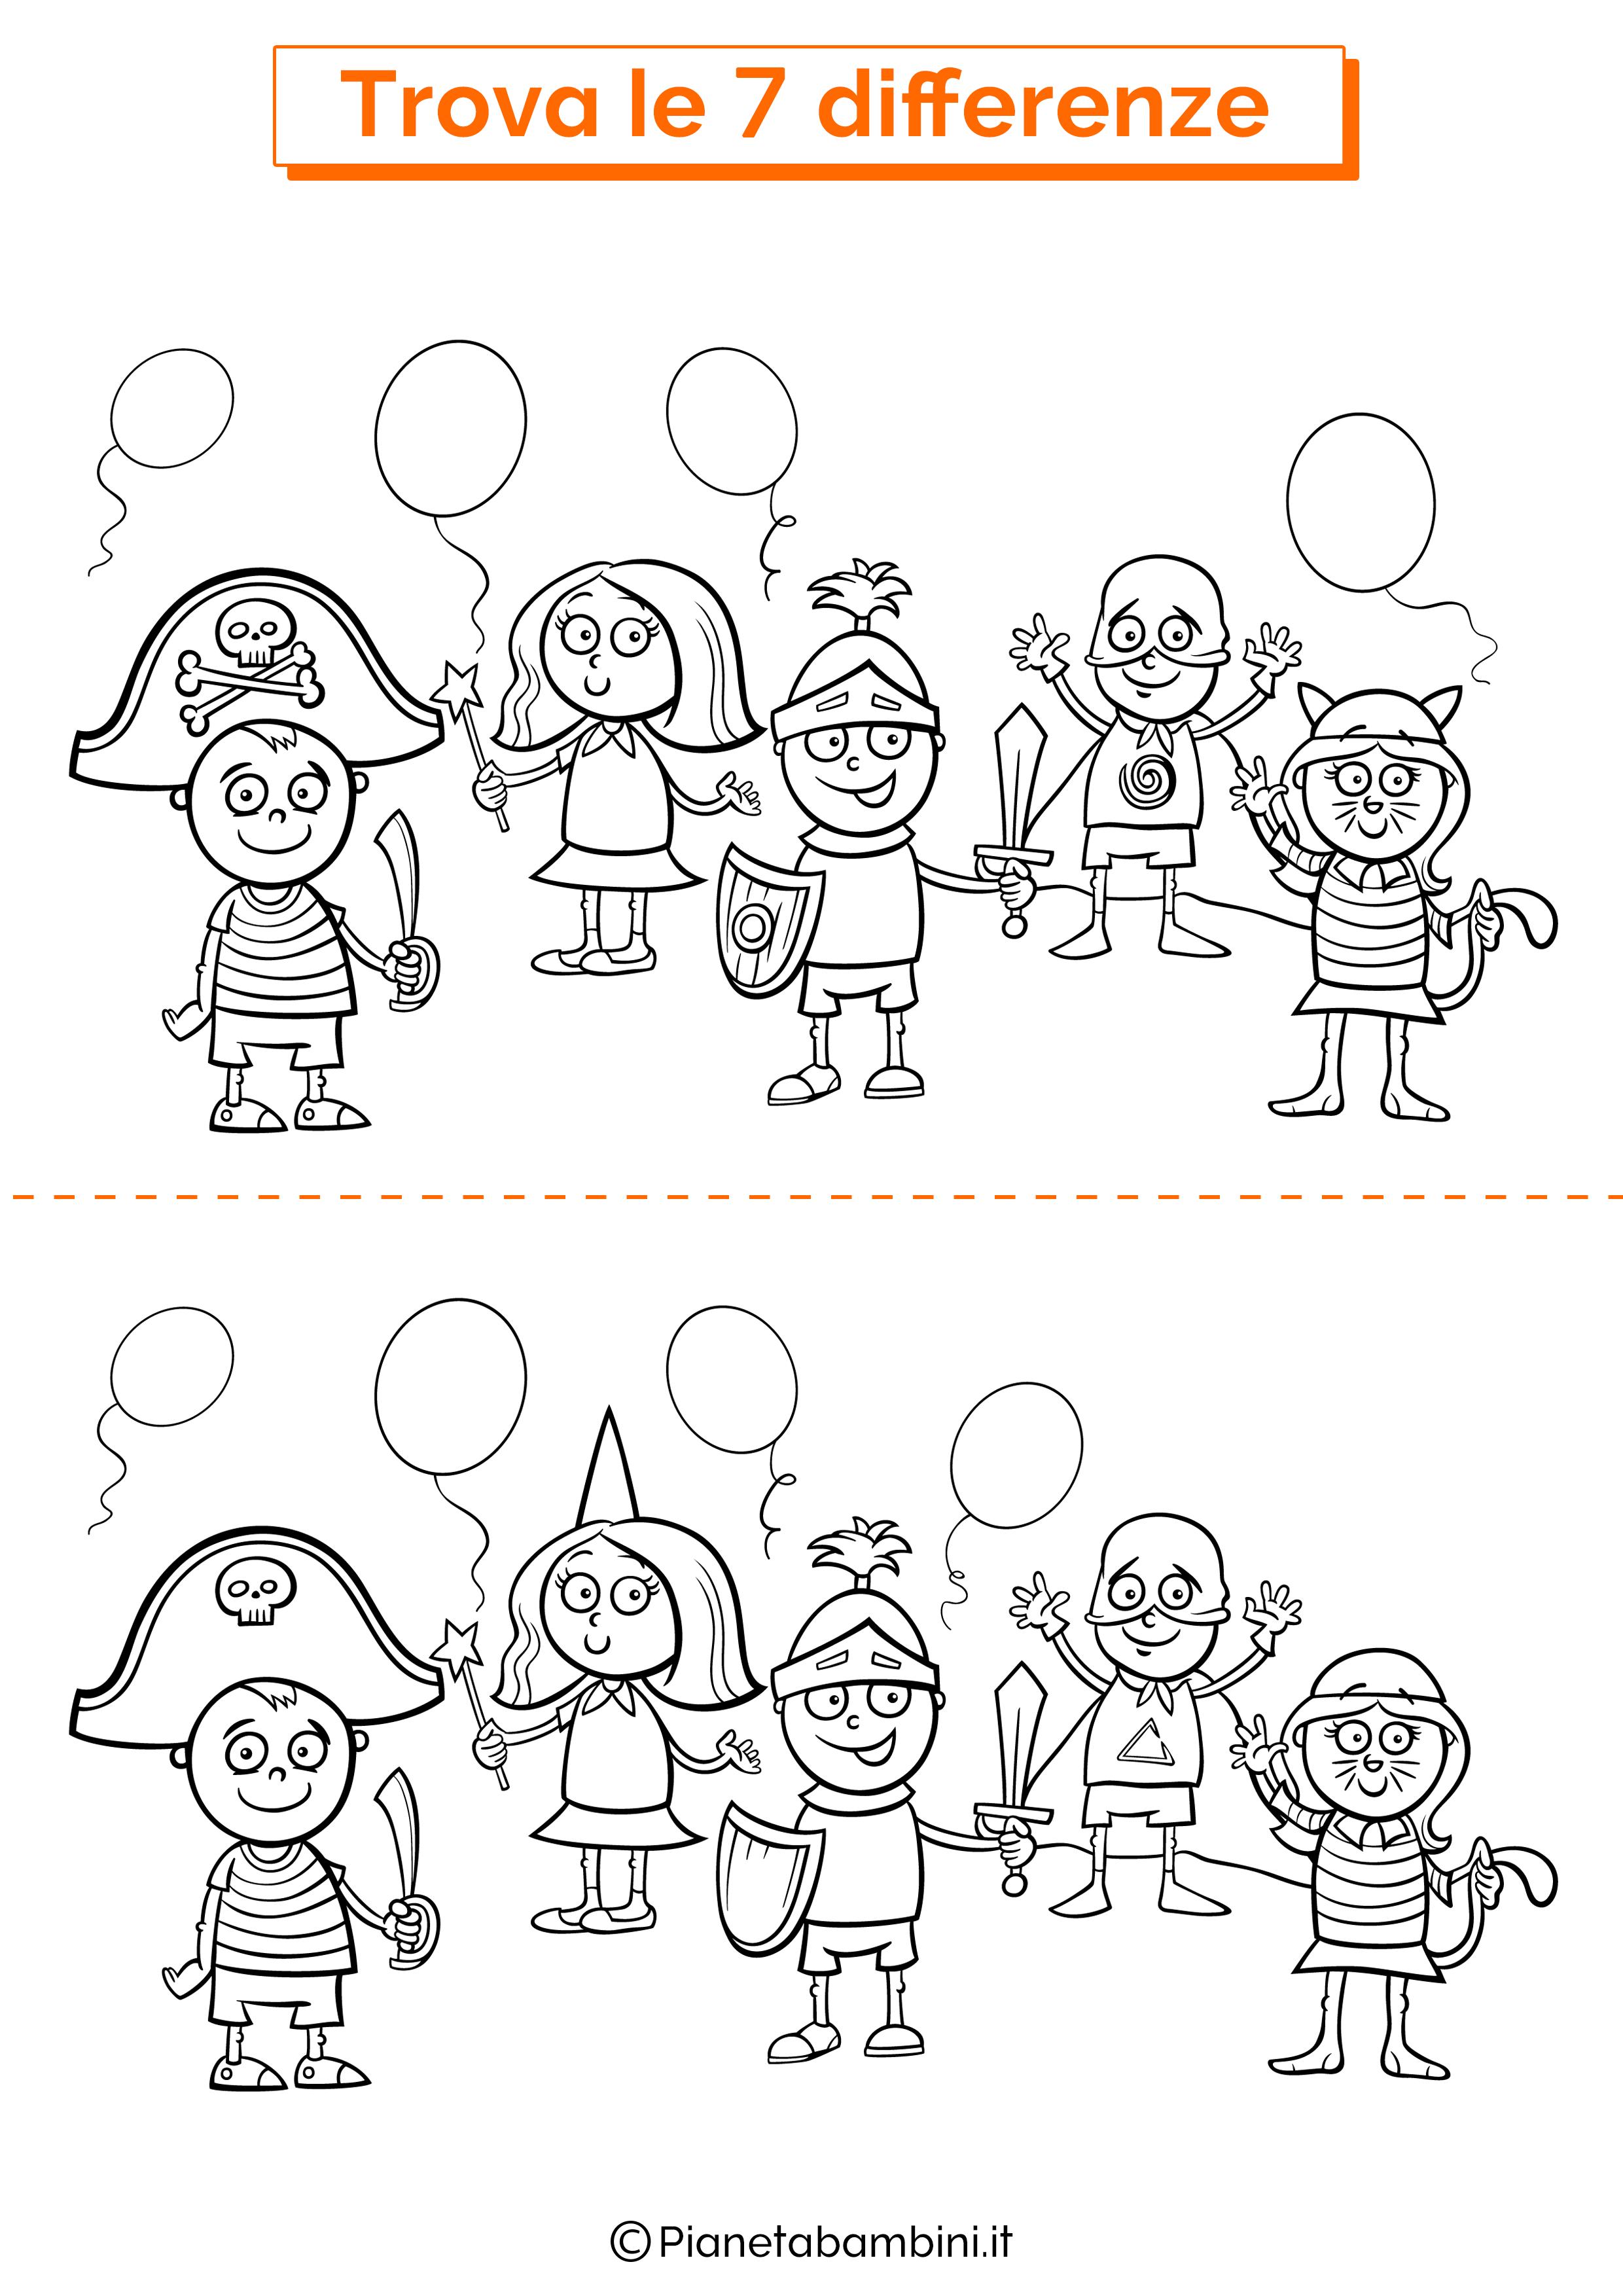 Disegno trova 7 differenze bambini mascherati